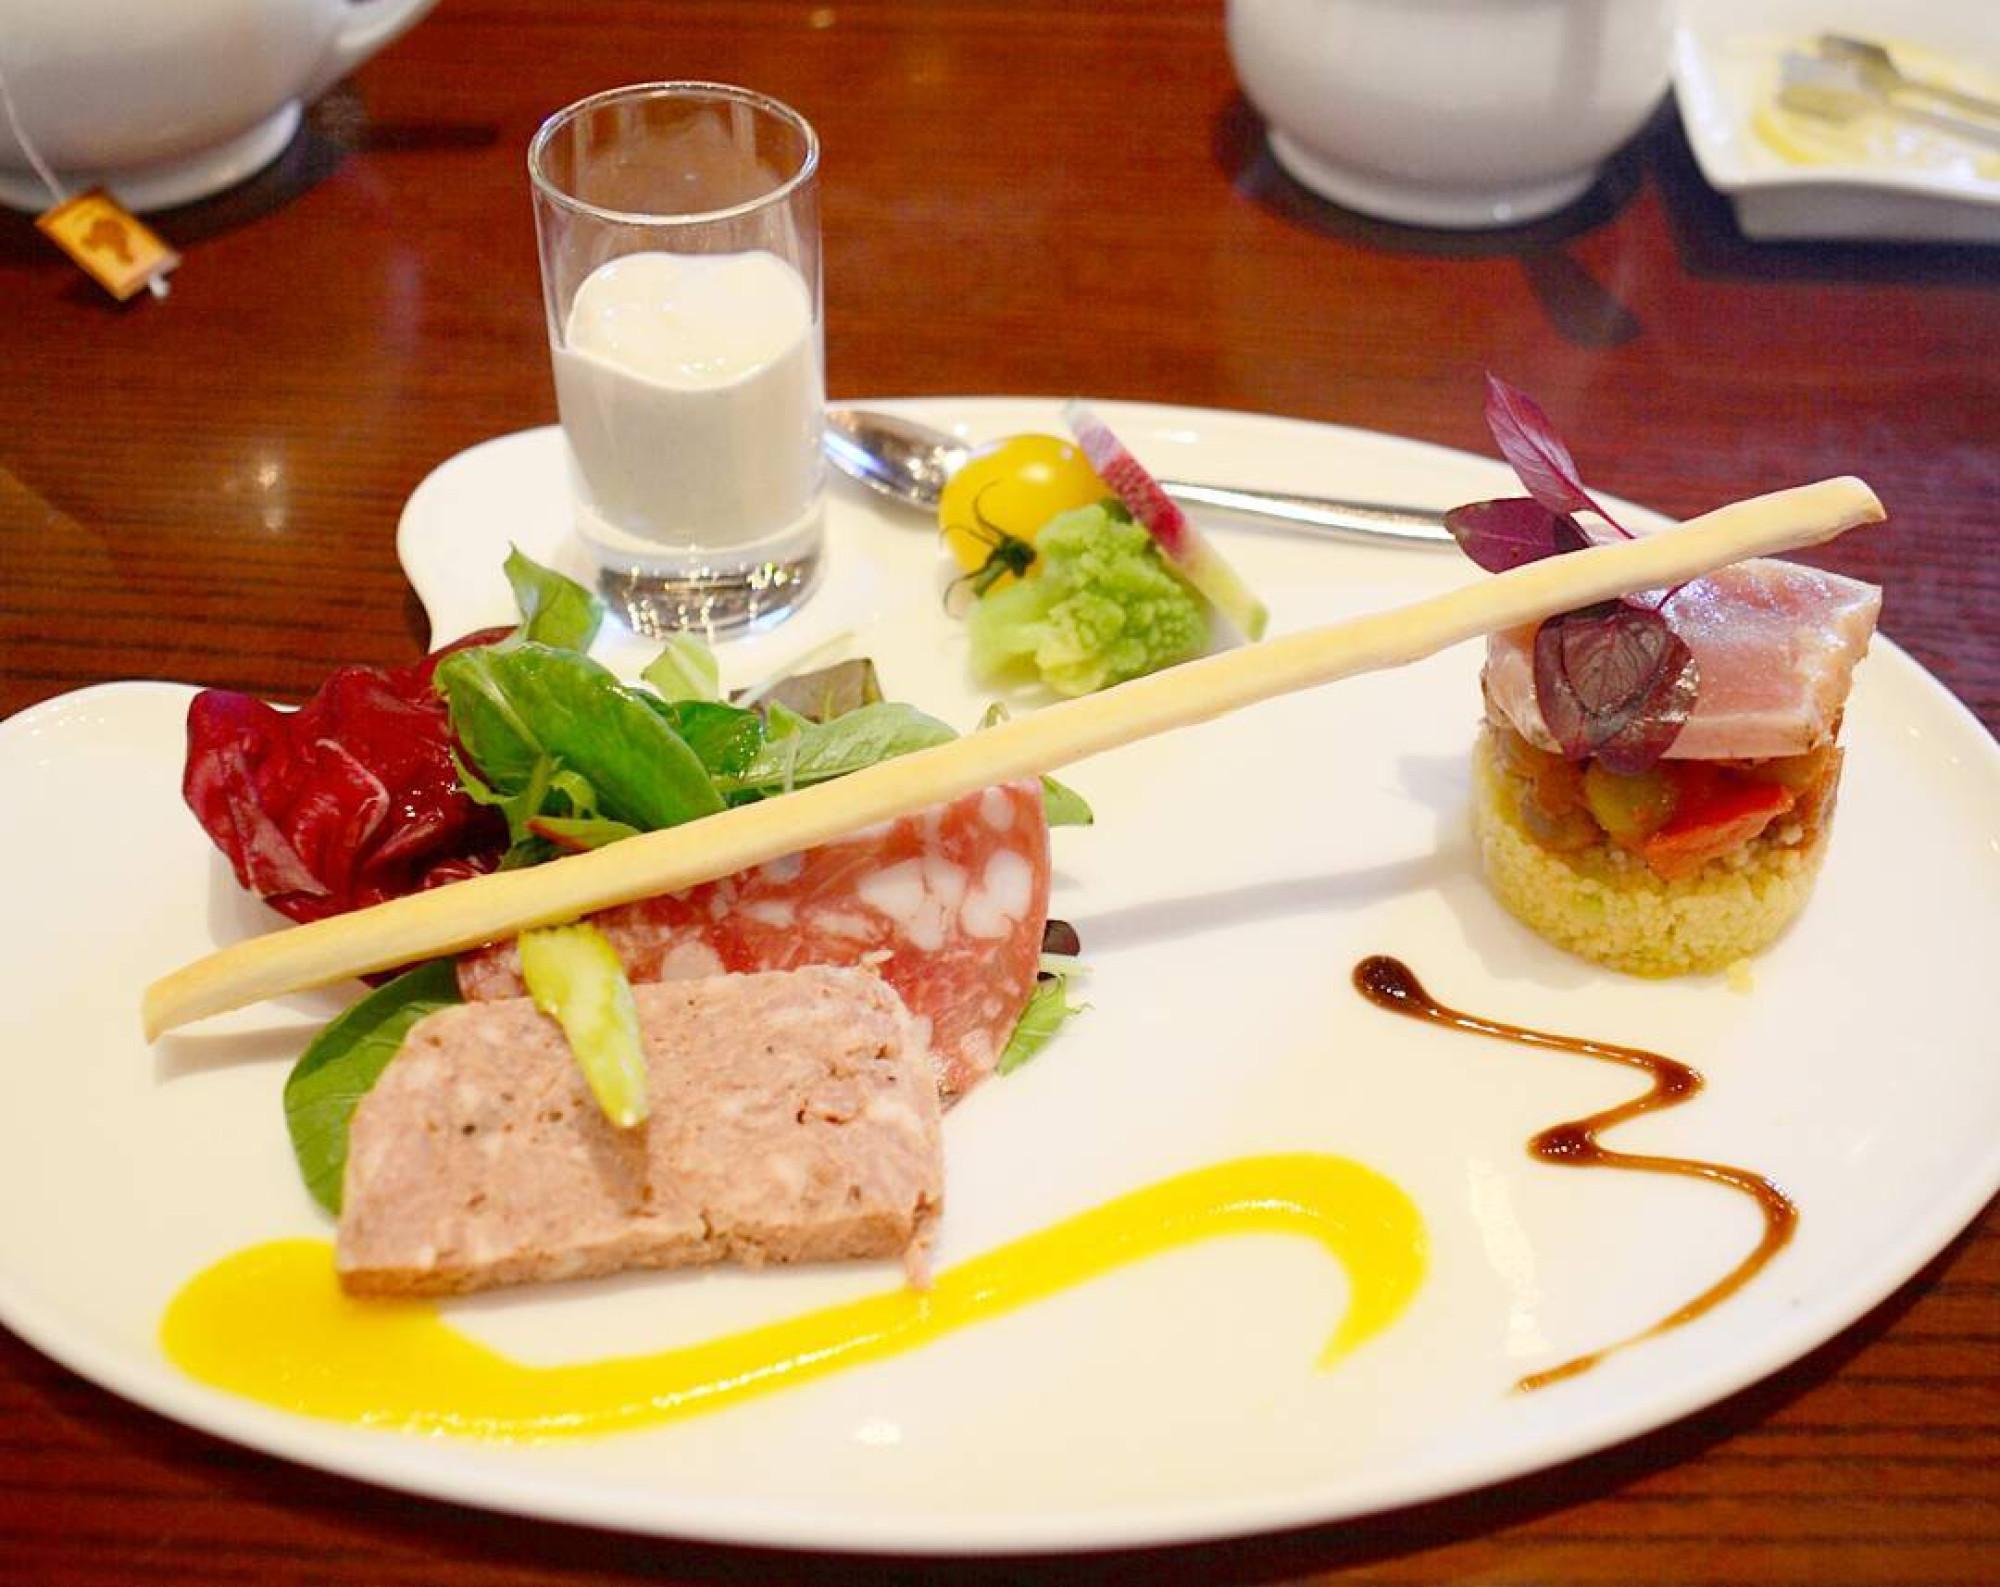 リストランテ・ディ・カナレットのメニューの一例(前菜)